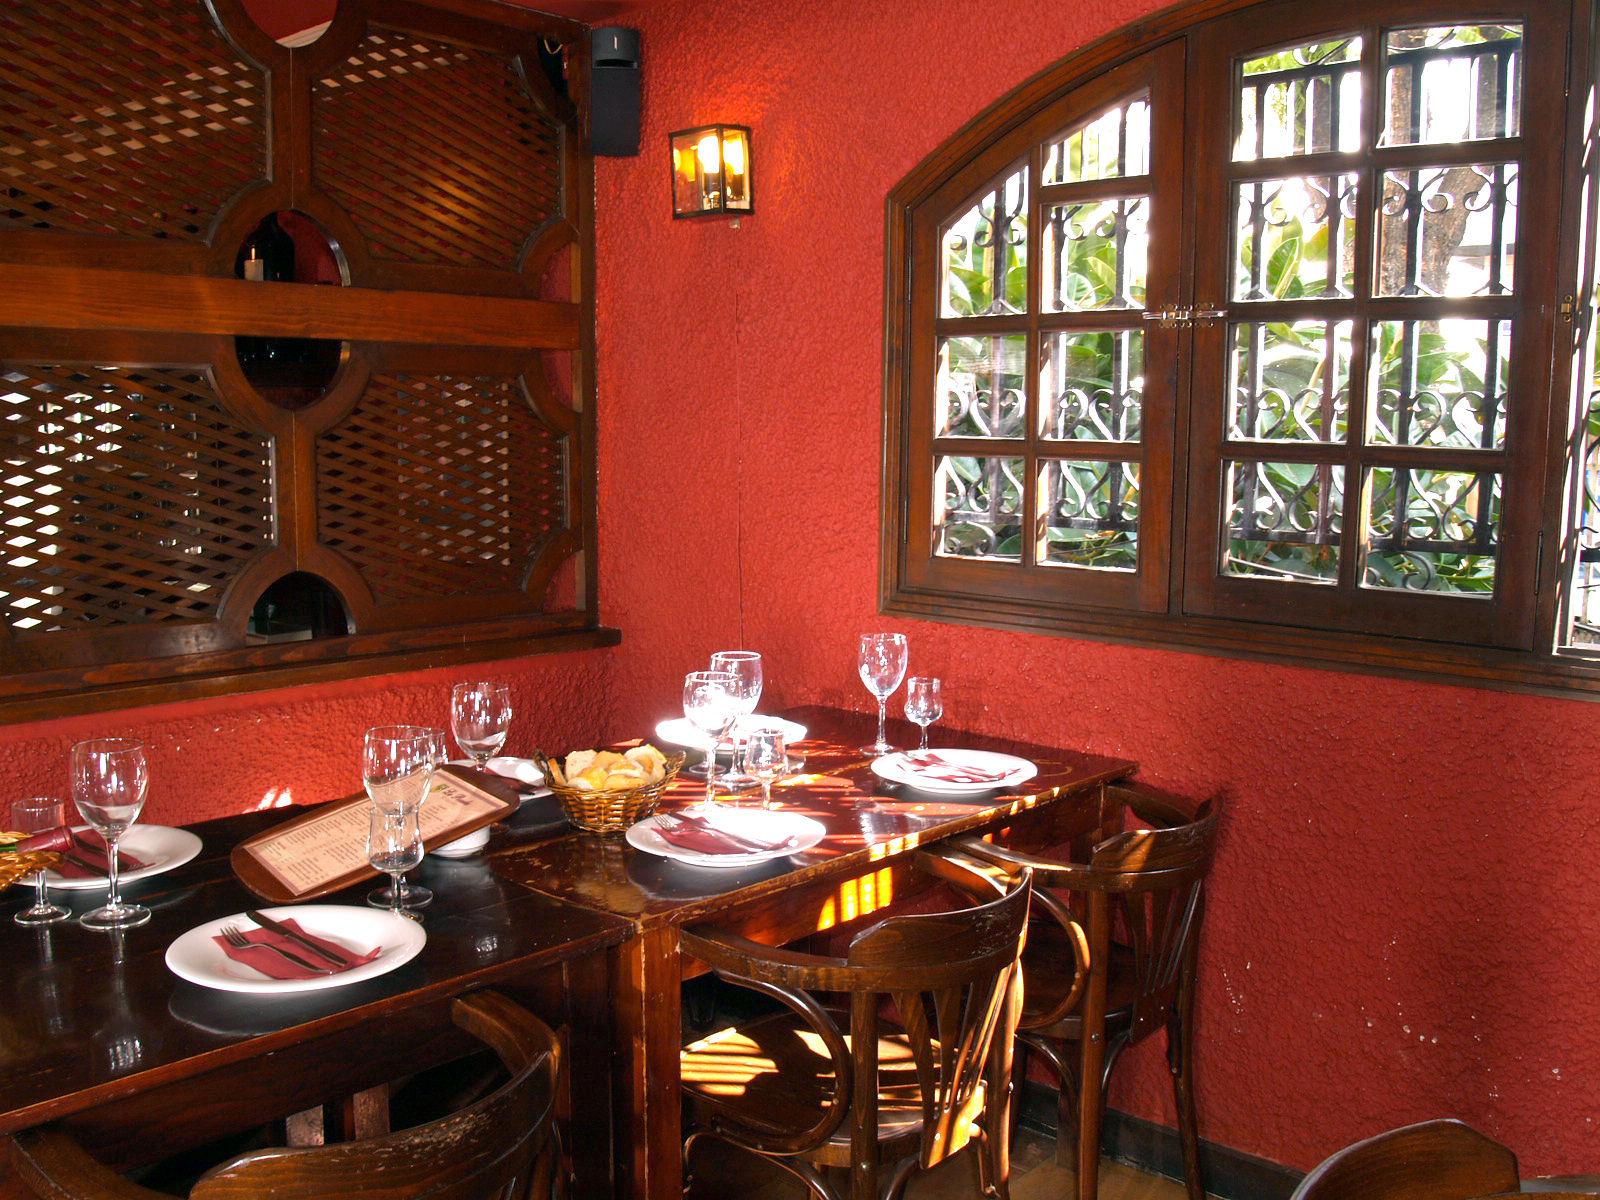 Foto 5 de Cocina asturiana en Santa Cruz de Tenerife | La Posada